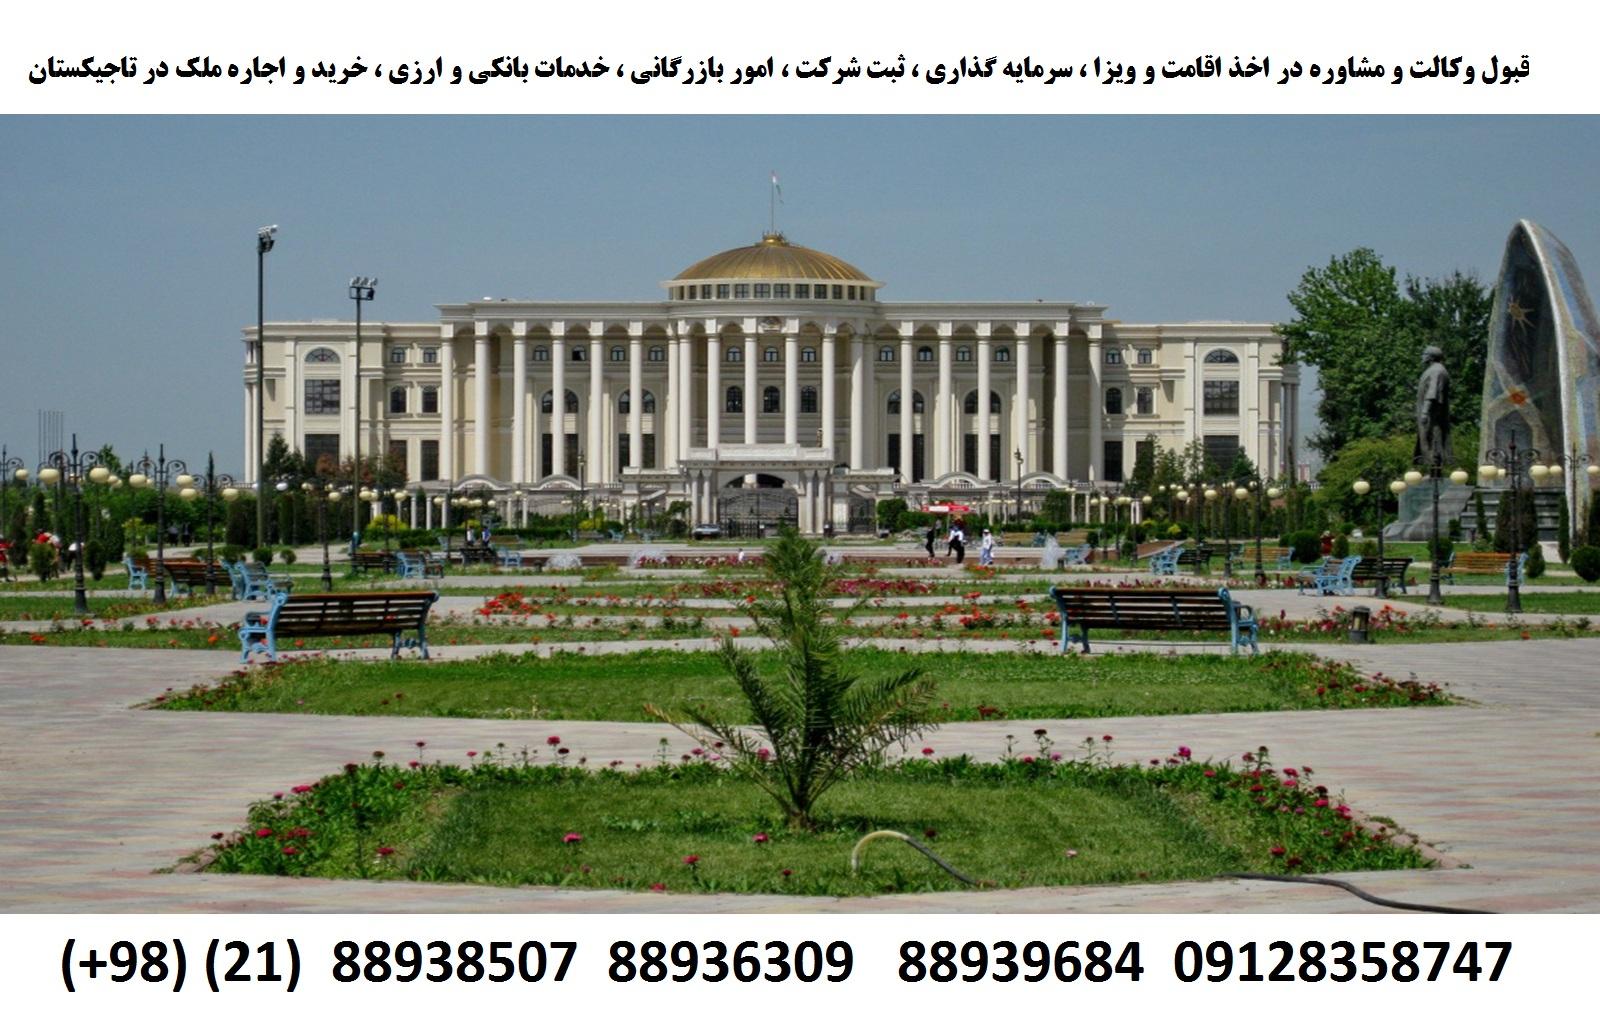 اقامت ، ویزا ، ثبت شرکت ، سرمایه گذاری در تاجیکستان (5)